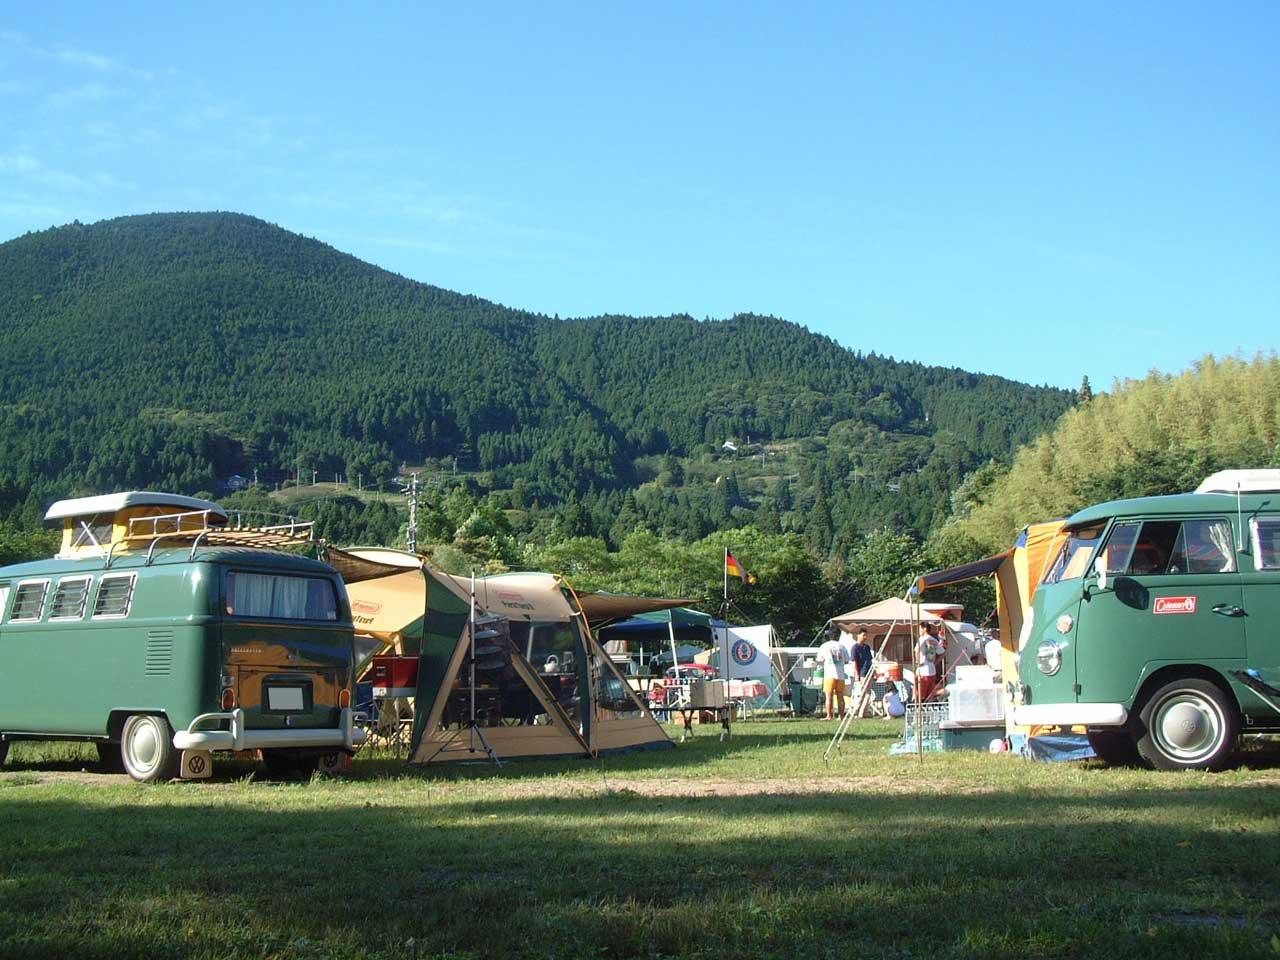 ワーゲンイベント・キャンプのイメージ写真